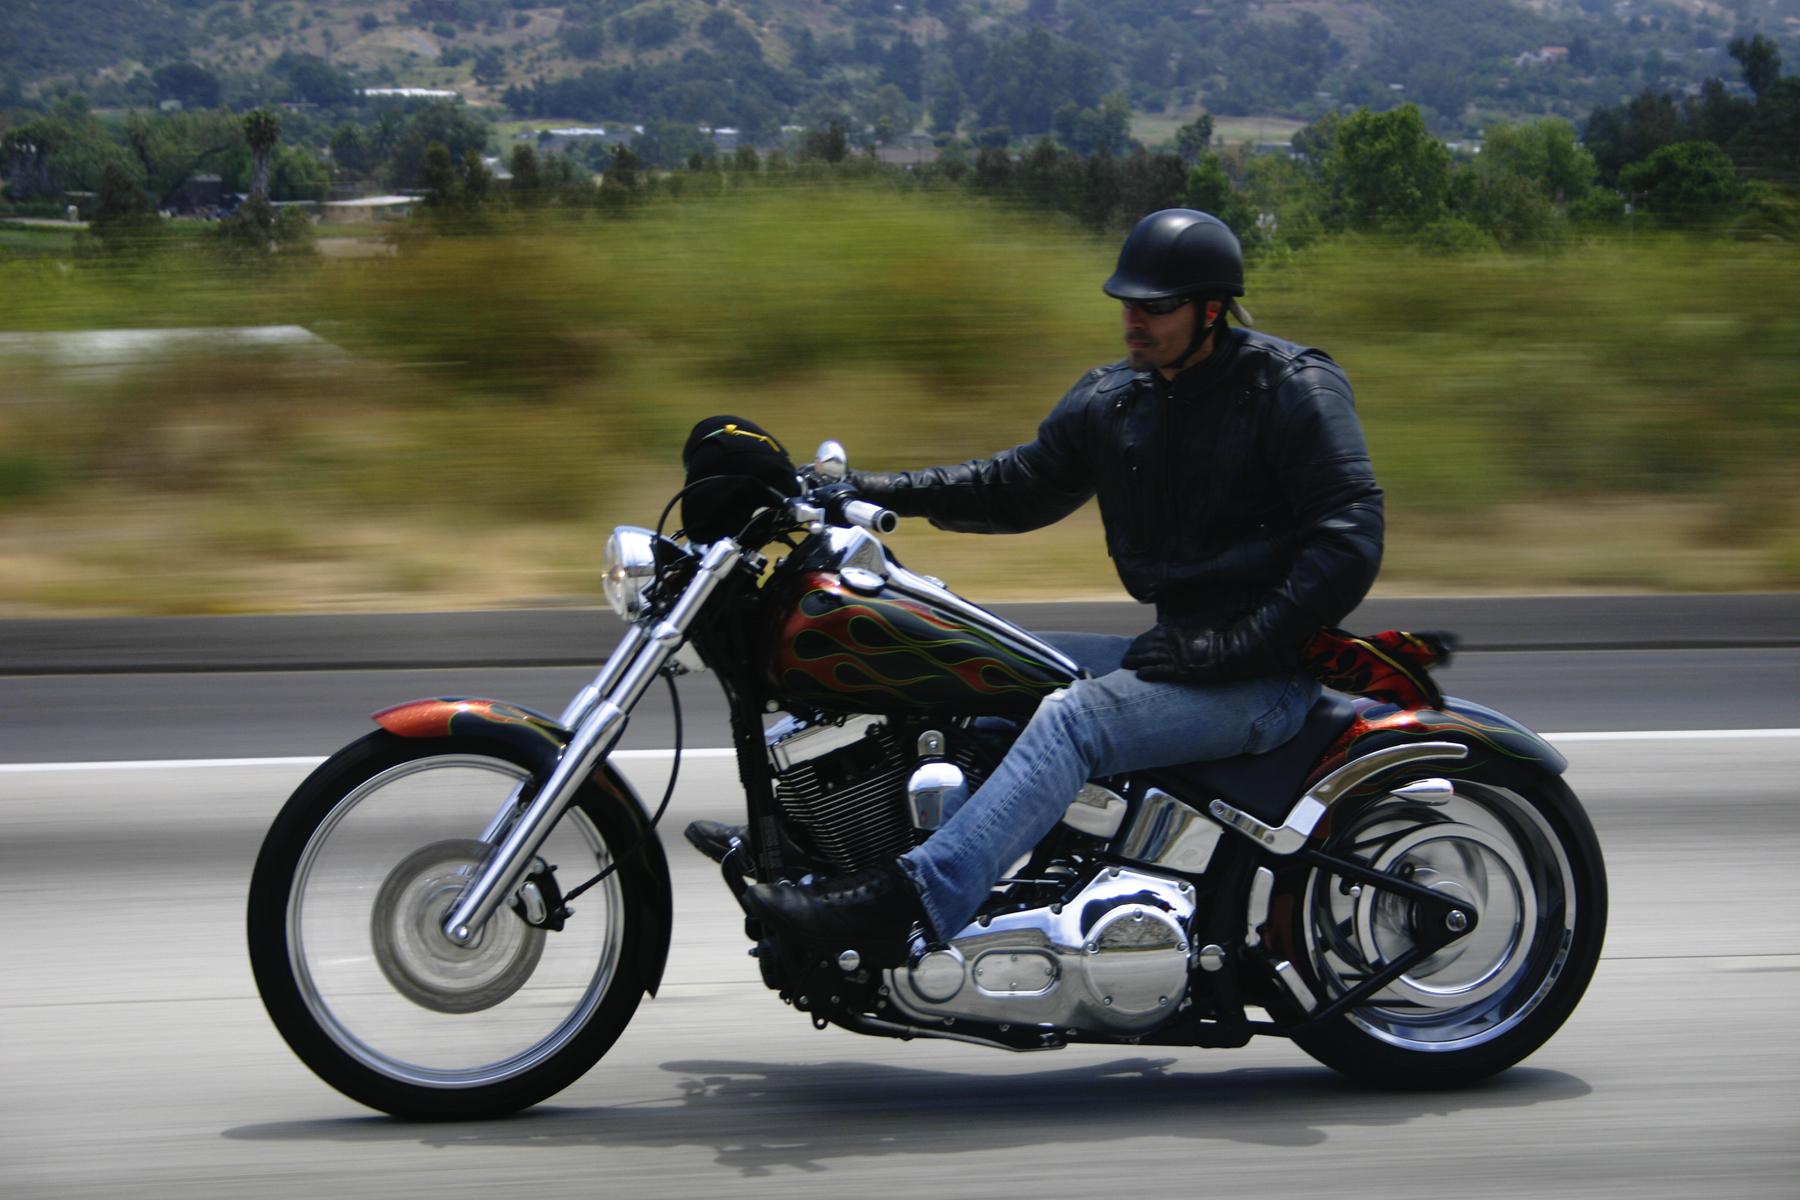 Motoqueiro clássico